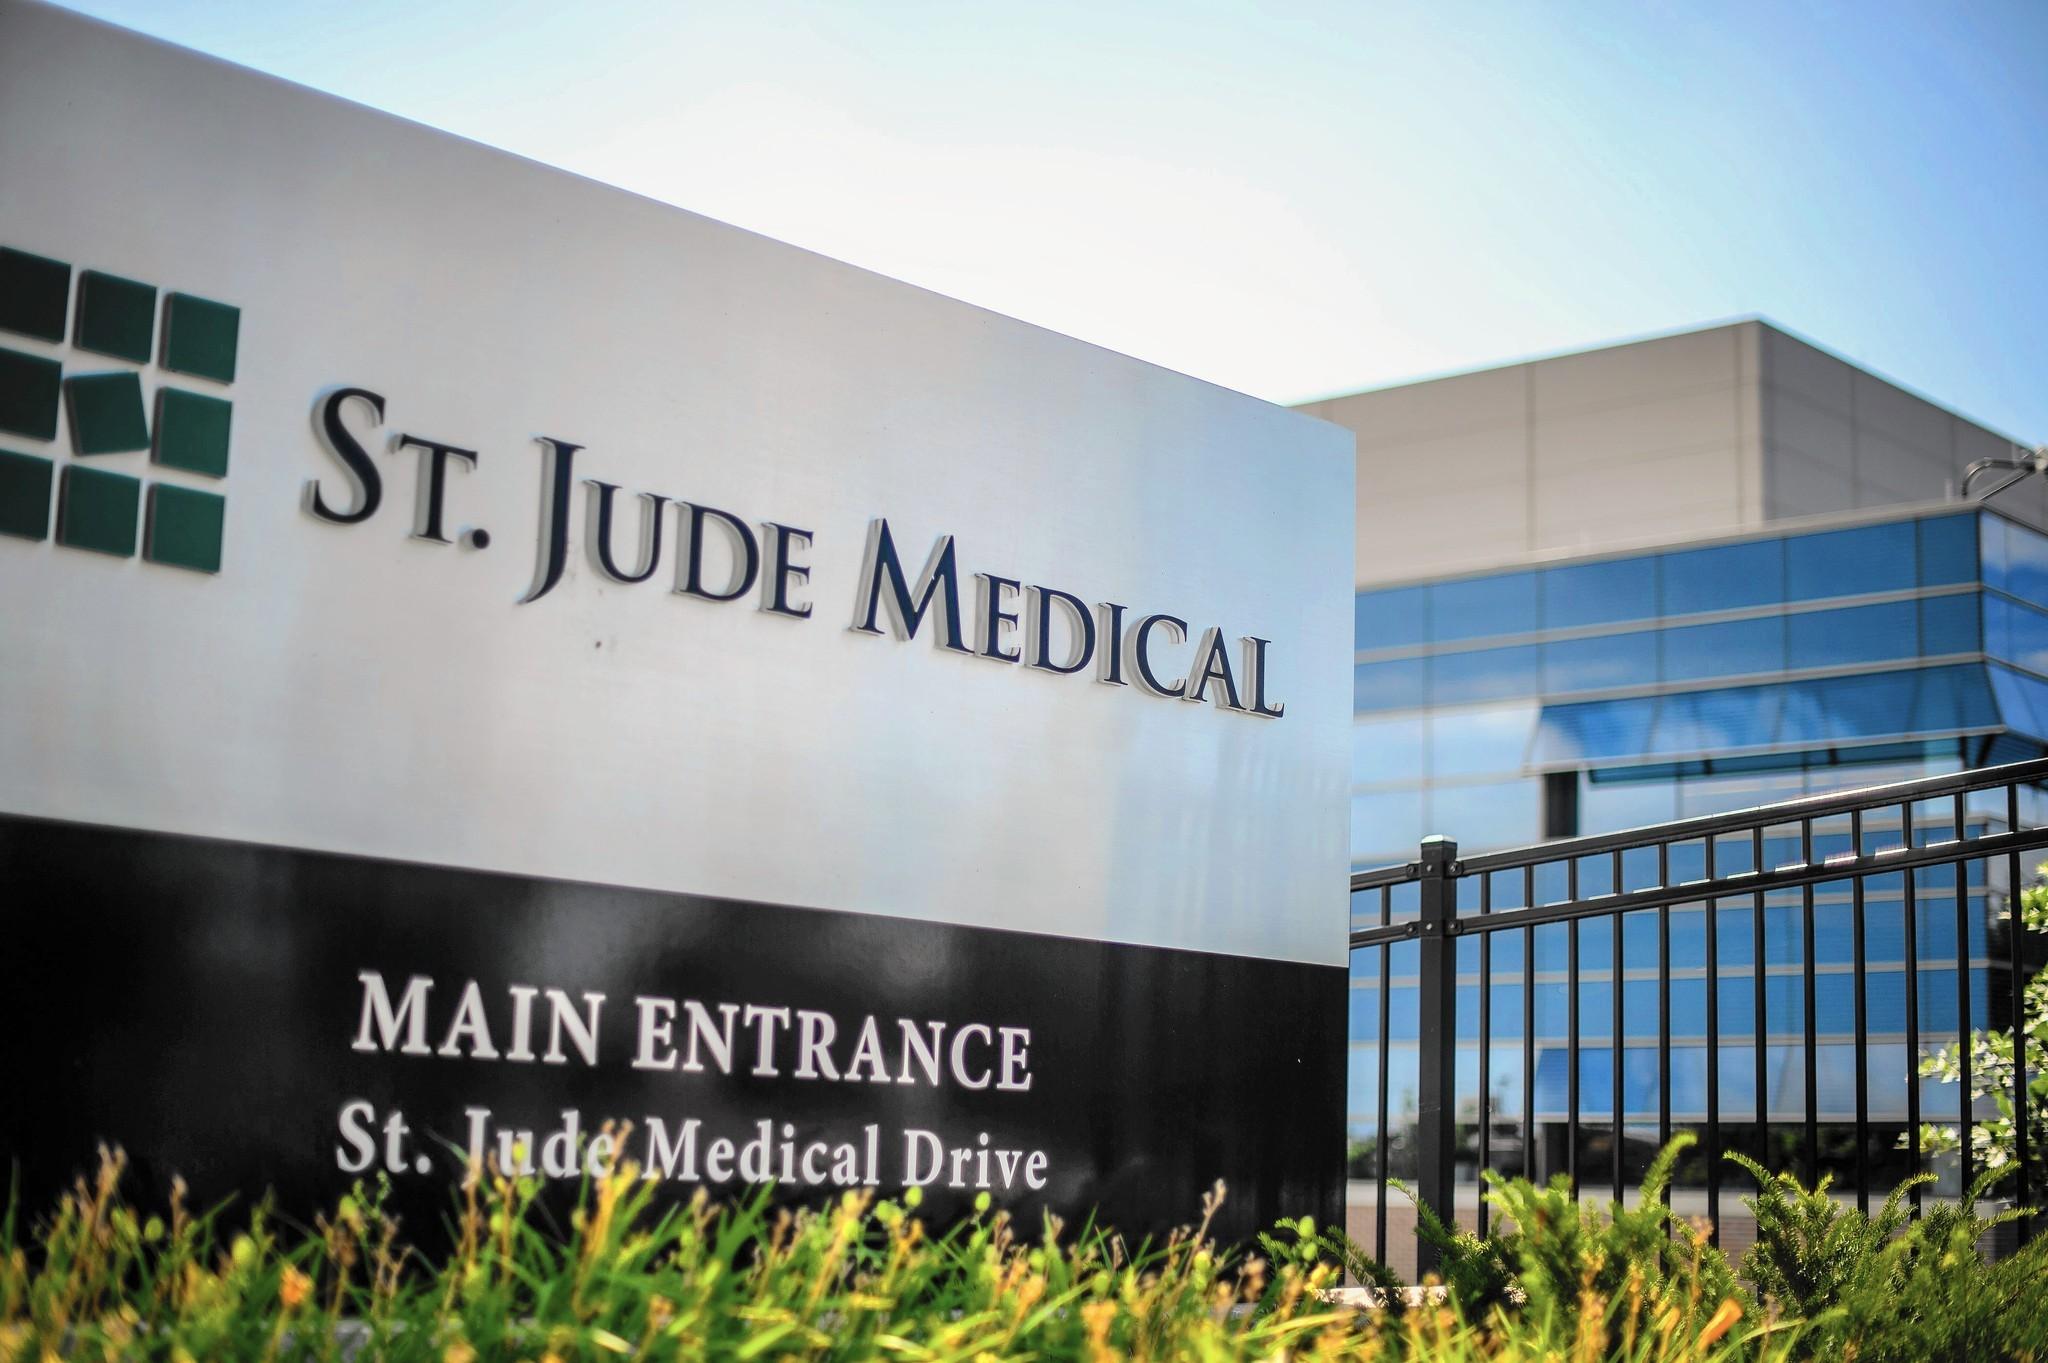 Abbott agrees to buy St. Jude Medical for $25 billion